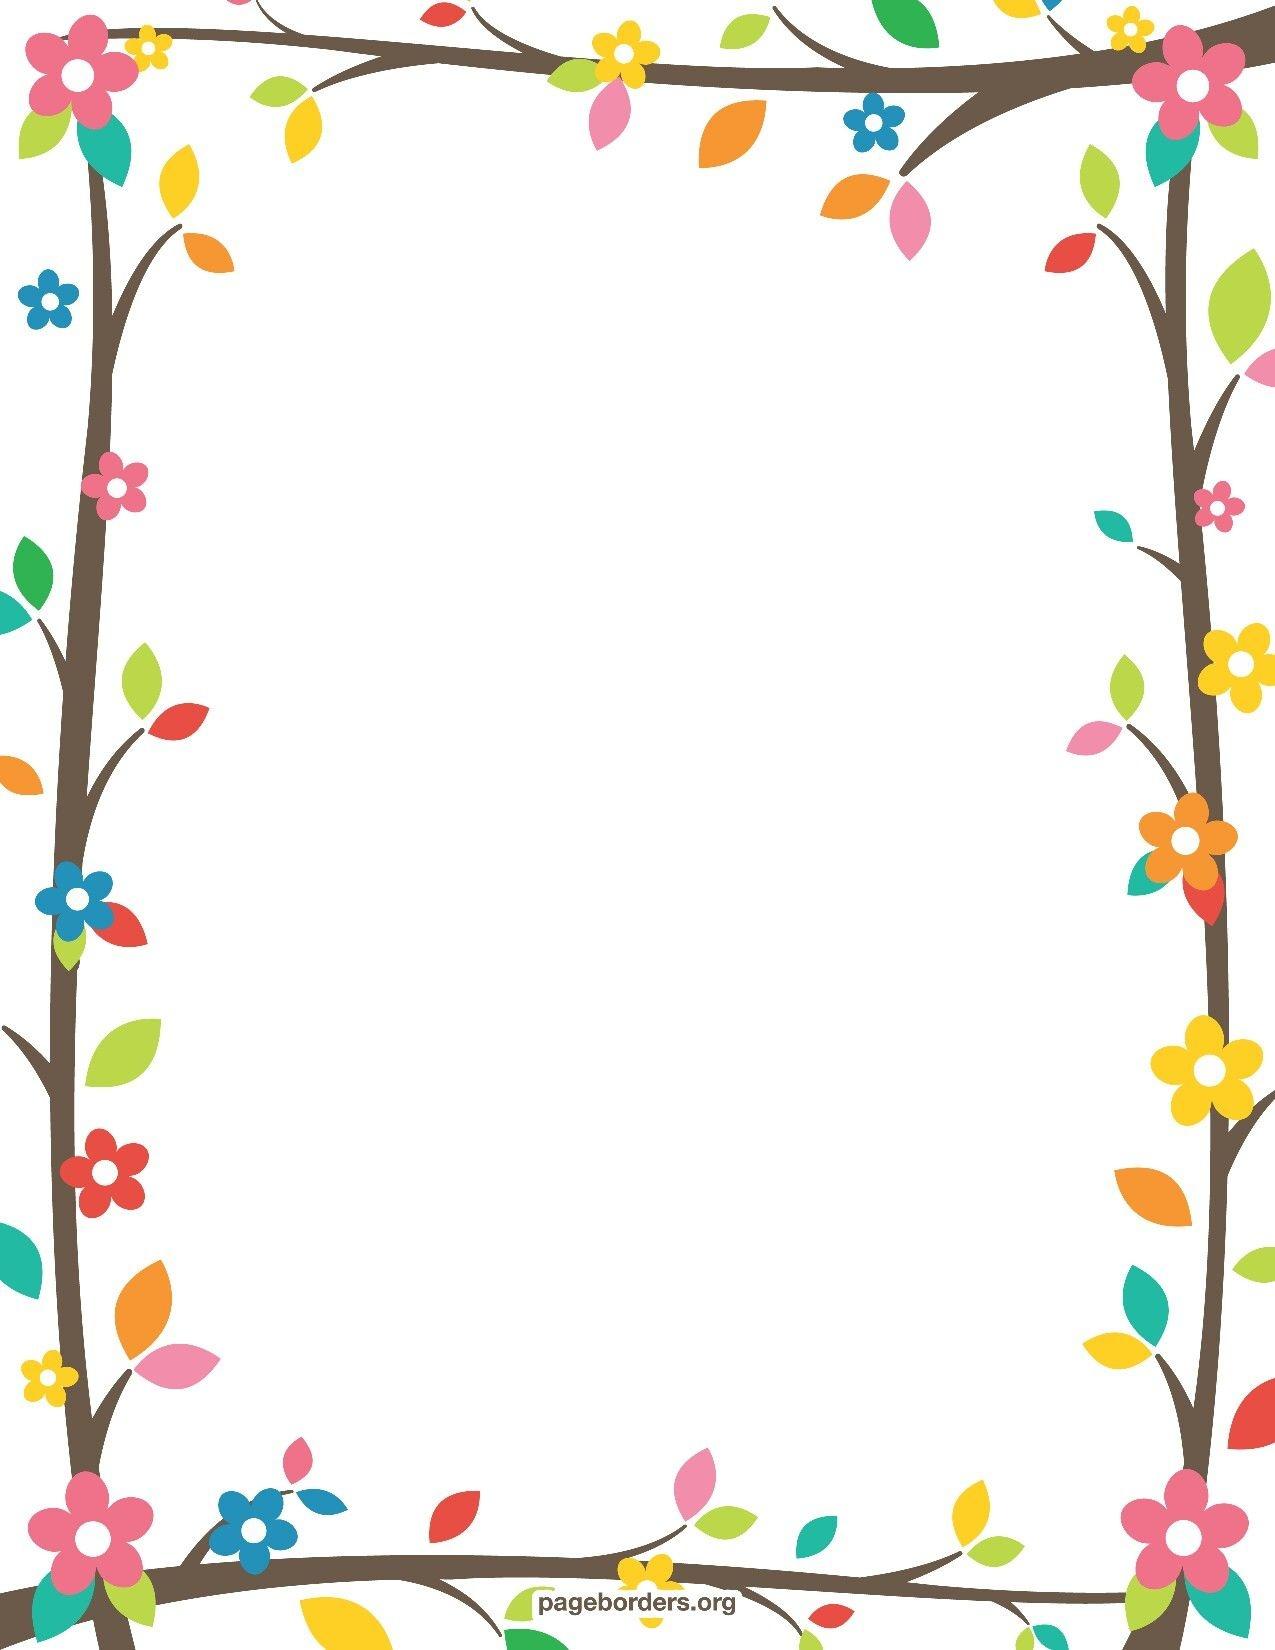 Resultado De Imagen Para Free Printable Border Designs For Paper - Free Printable Border Paper